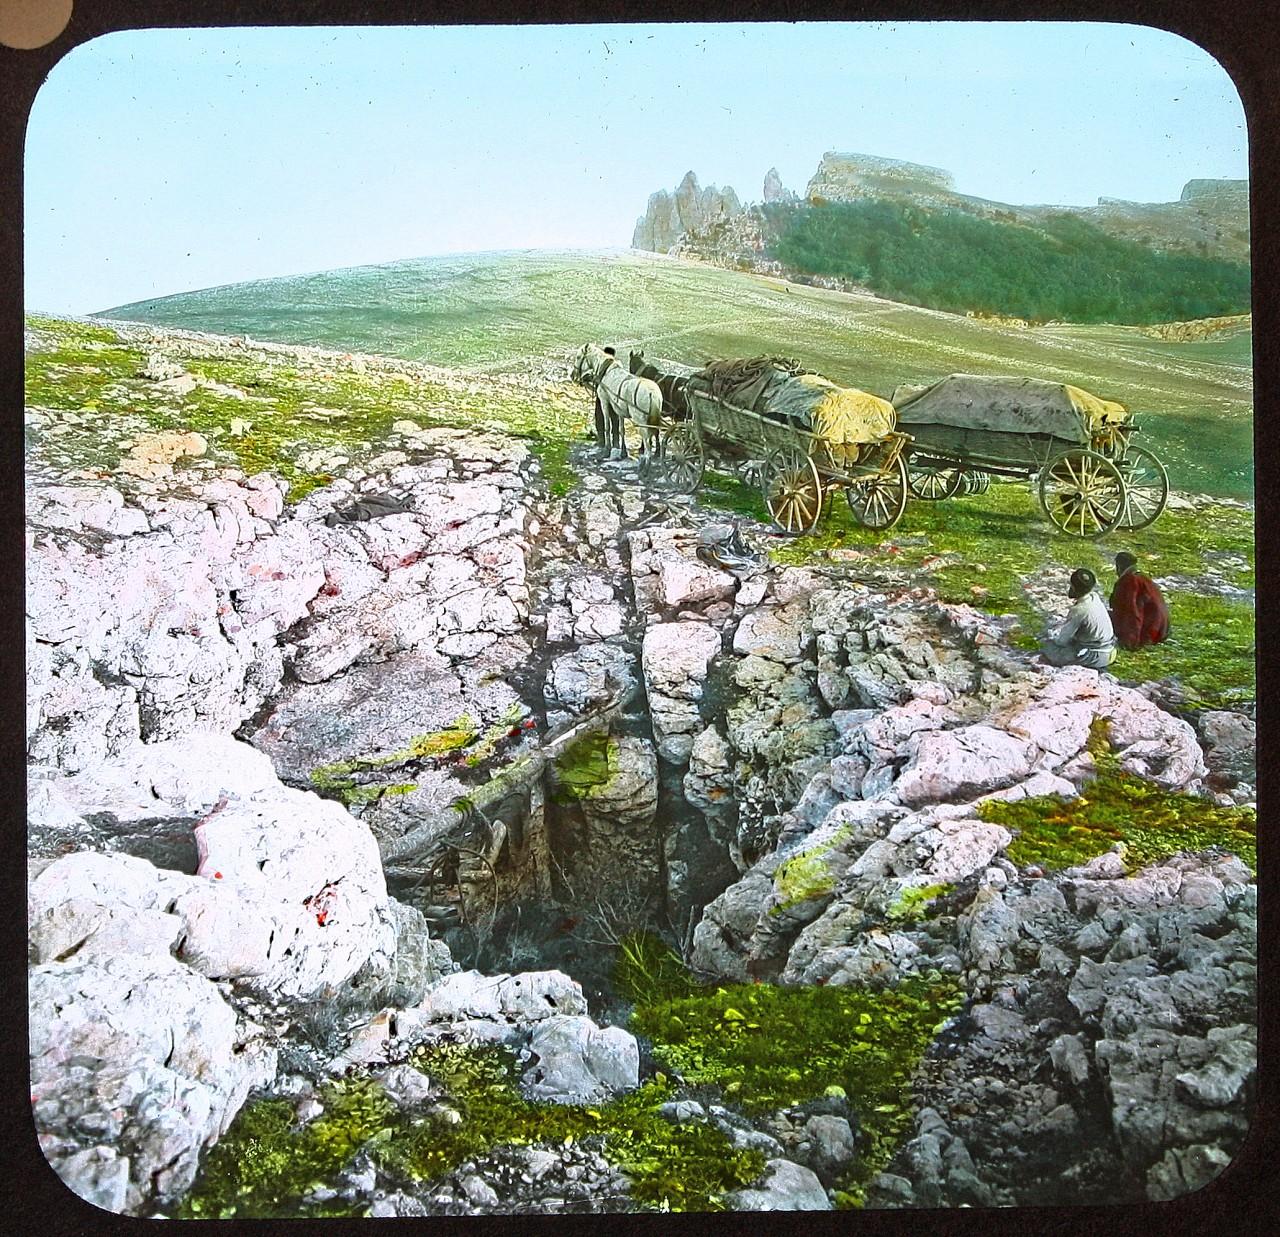 Это фото сделано на плато Ай-Петри в начале XX века. На такие повозки крымские татары грузили лед, который затем продавали в Ялте